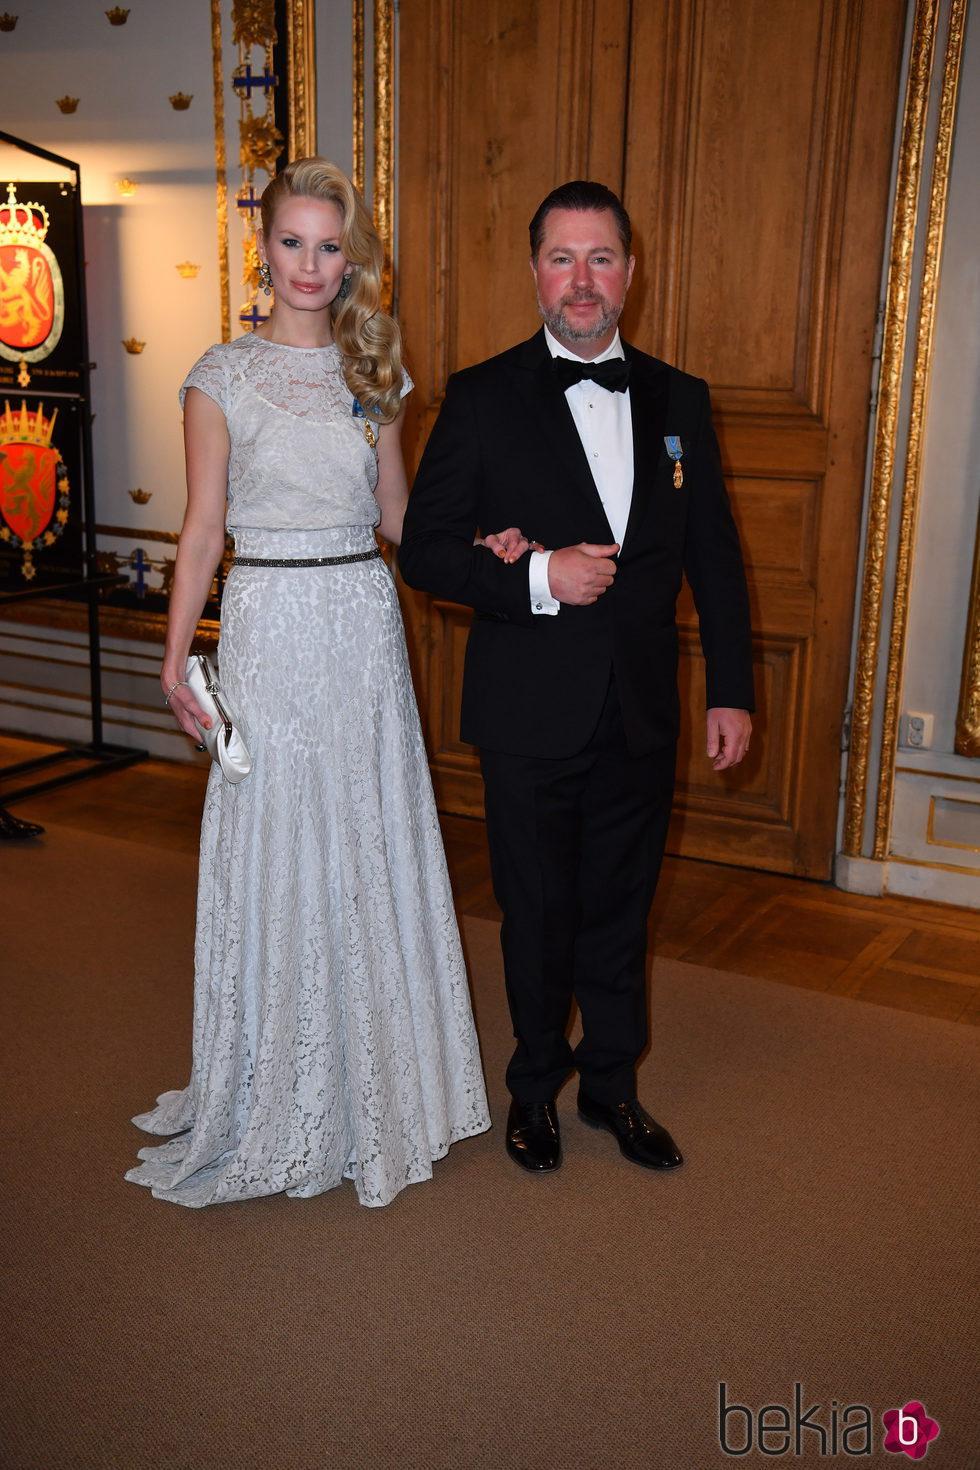 Vicky y Gustavo Magnuson en la cena de gala en el 70 cumpleaños del Rey Gustavo de Suecia